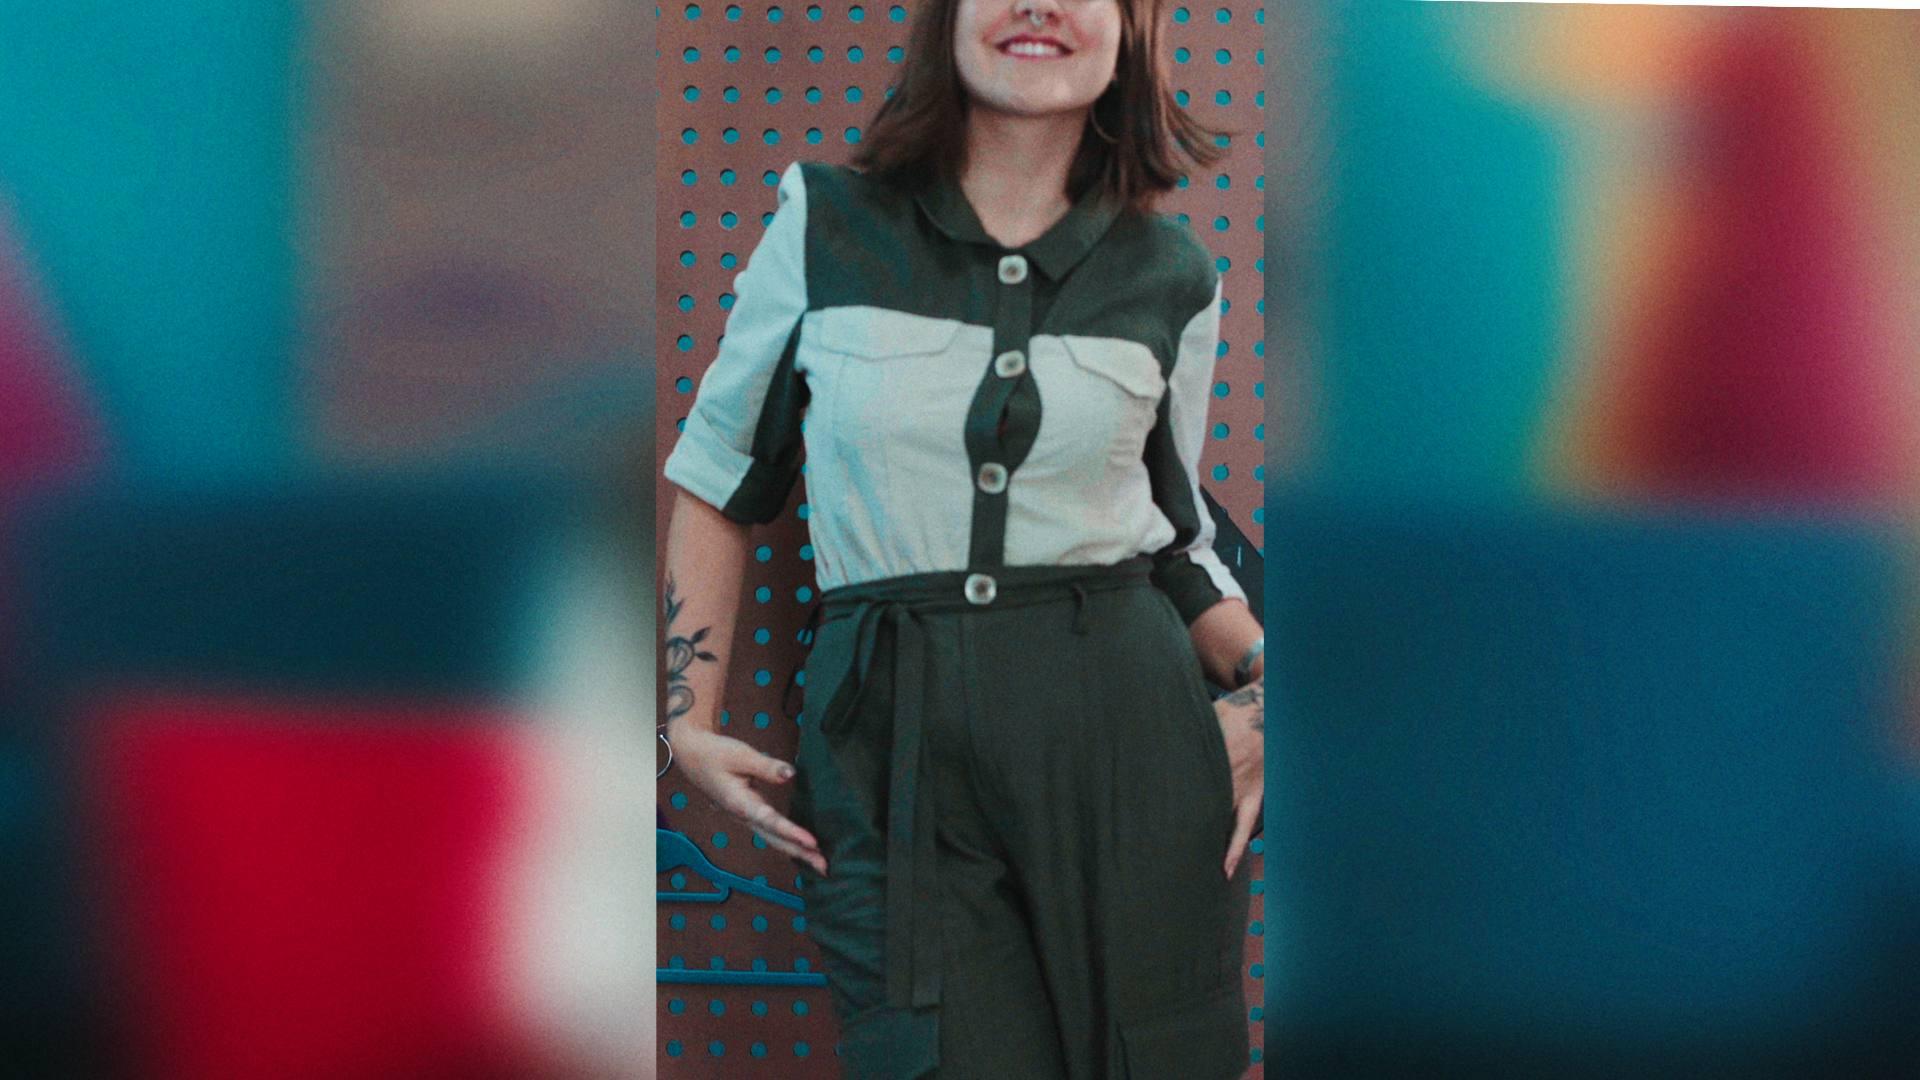 MASTER MONDAINE CALCA CARGO V01 compressed 4 - ALERTA: a calça cargo VOLTOU! Veja 5 looks com essa polêmica fashion no vídeo do Ouse Todo Dia!